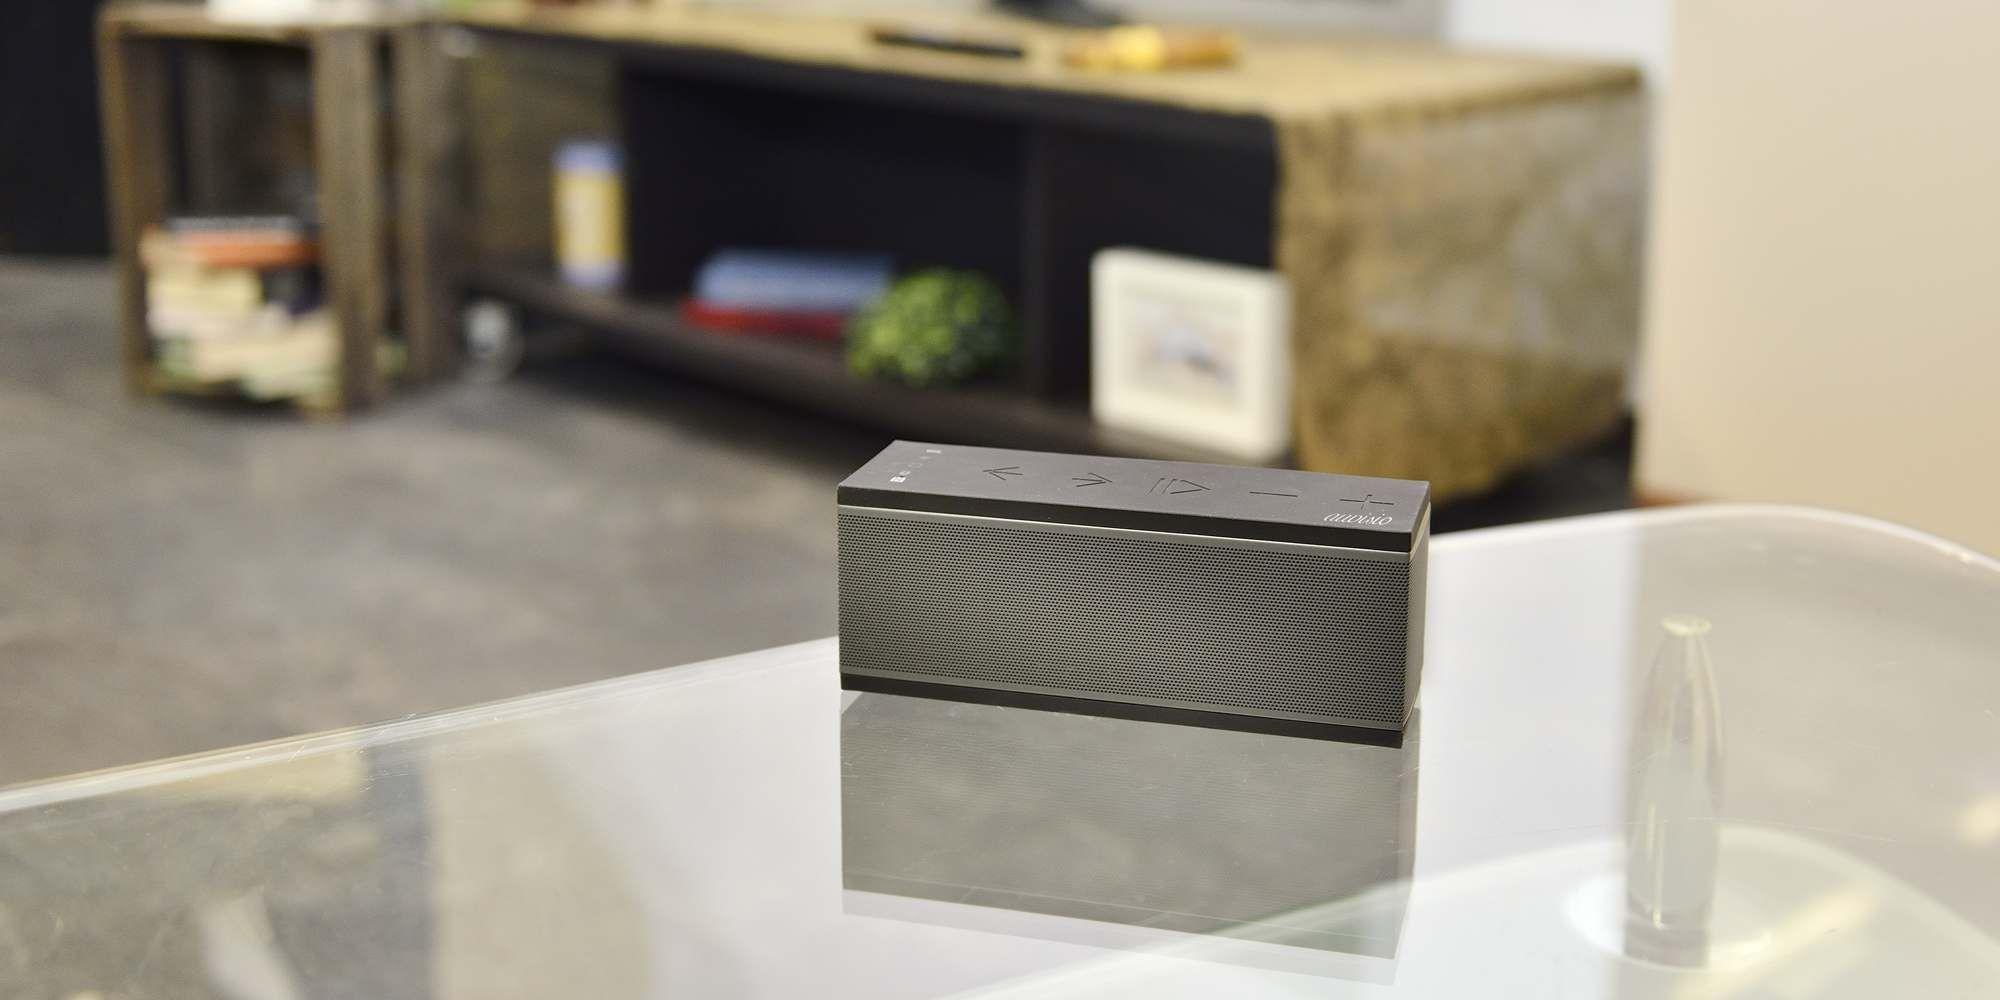 Auvisio Smr 300 Bt Und Smr 500 Bt Portable Wlan Lautsprecher Wlan Lautsprecher Und Multiroom System